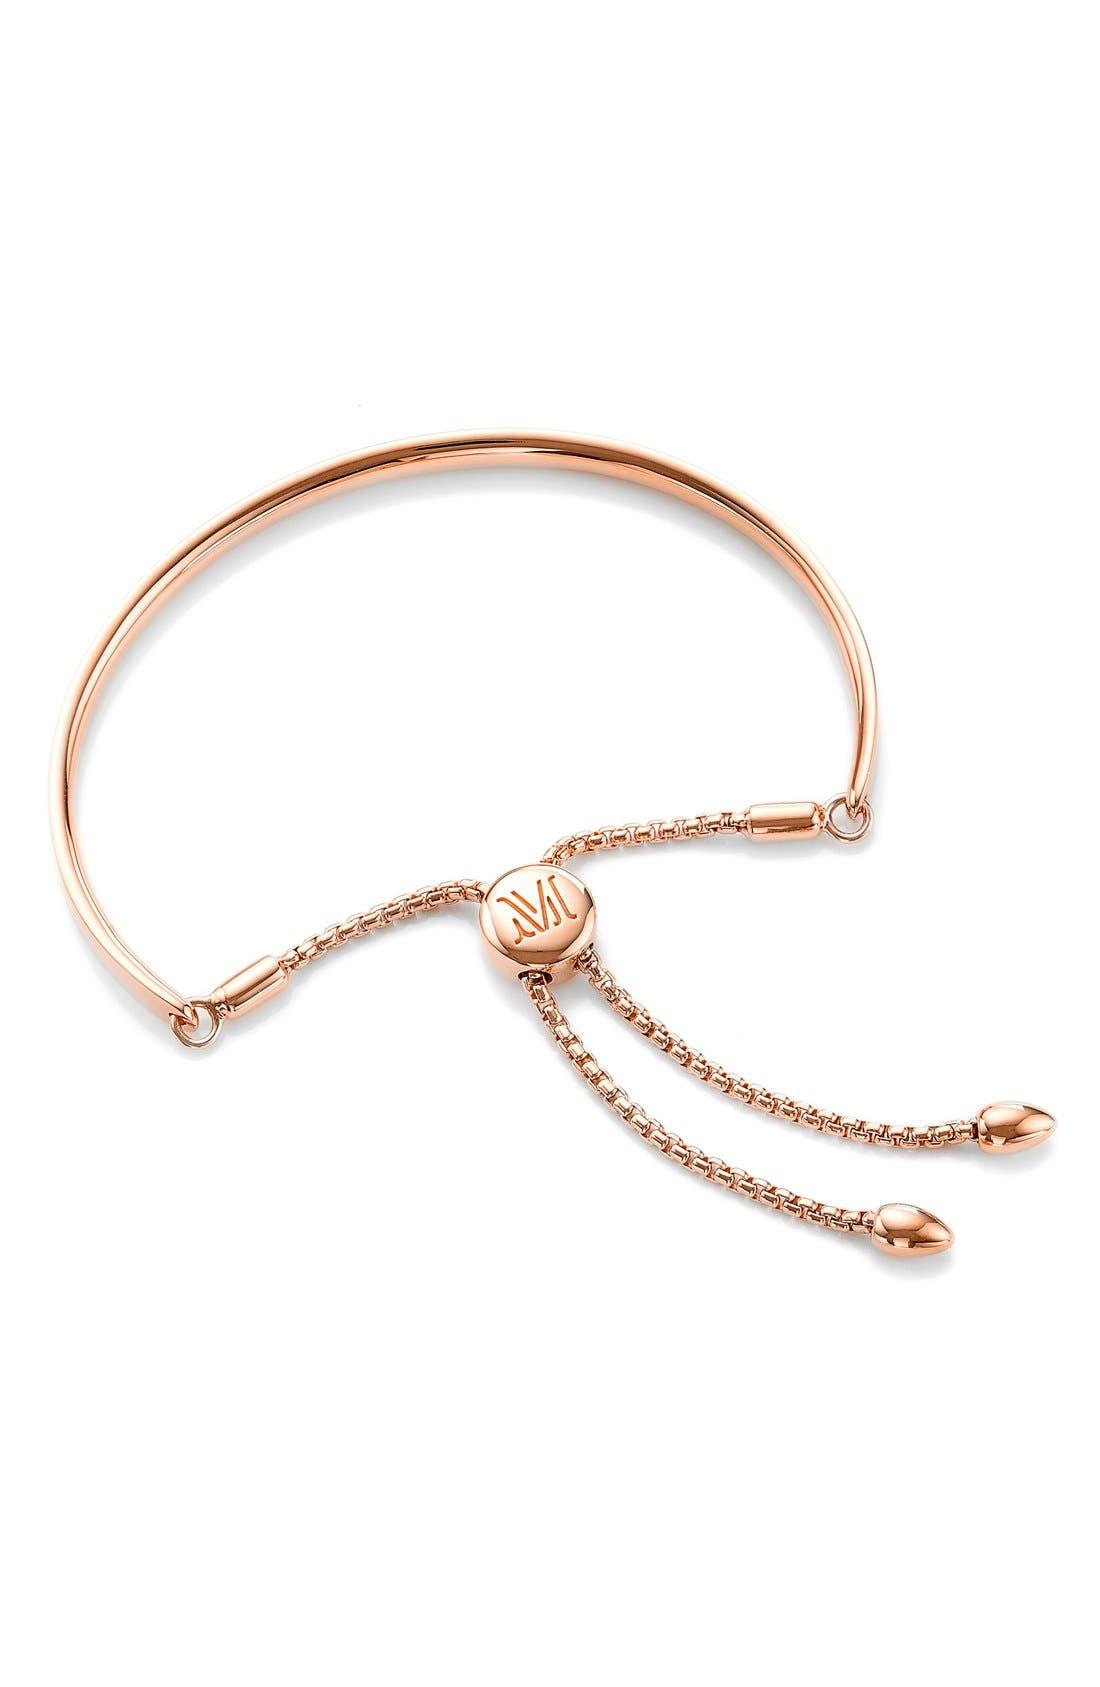 Fiji Chain Bracelet,                             Main thumbnail 1, color,                             ROSE GOLD